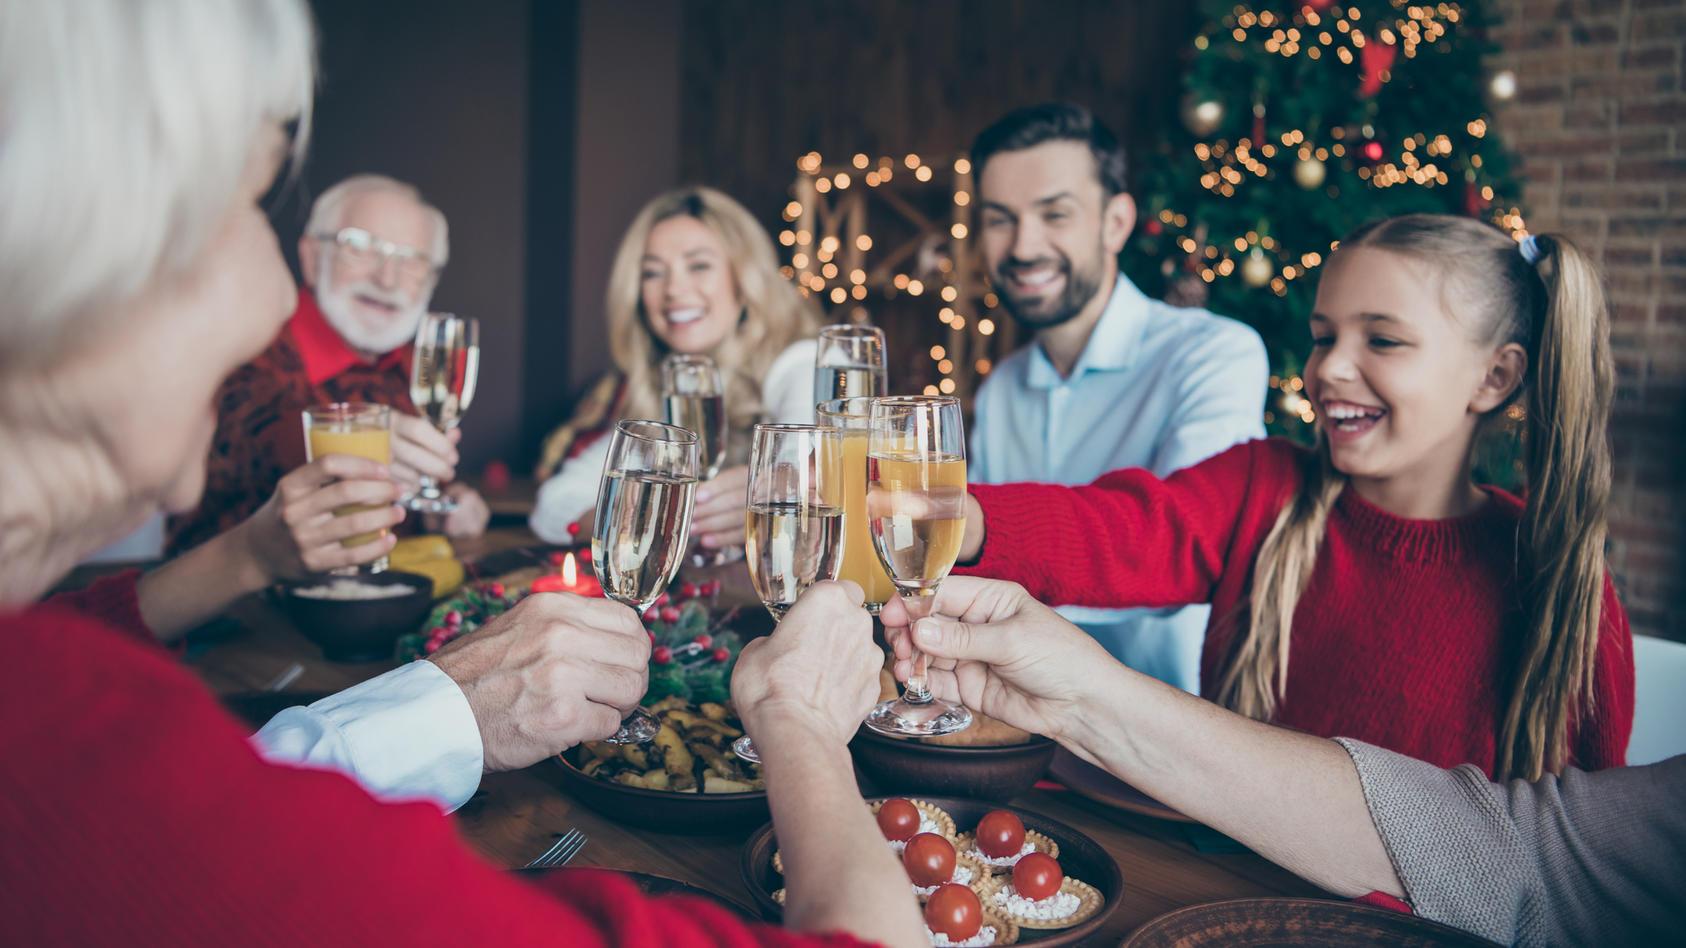 Familientreffen an Weihnachten: Geht das auch in diesem Jahr?